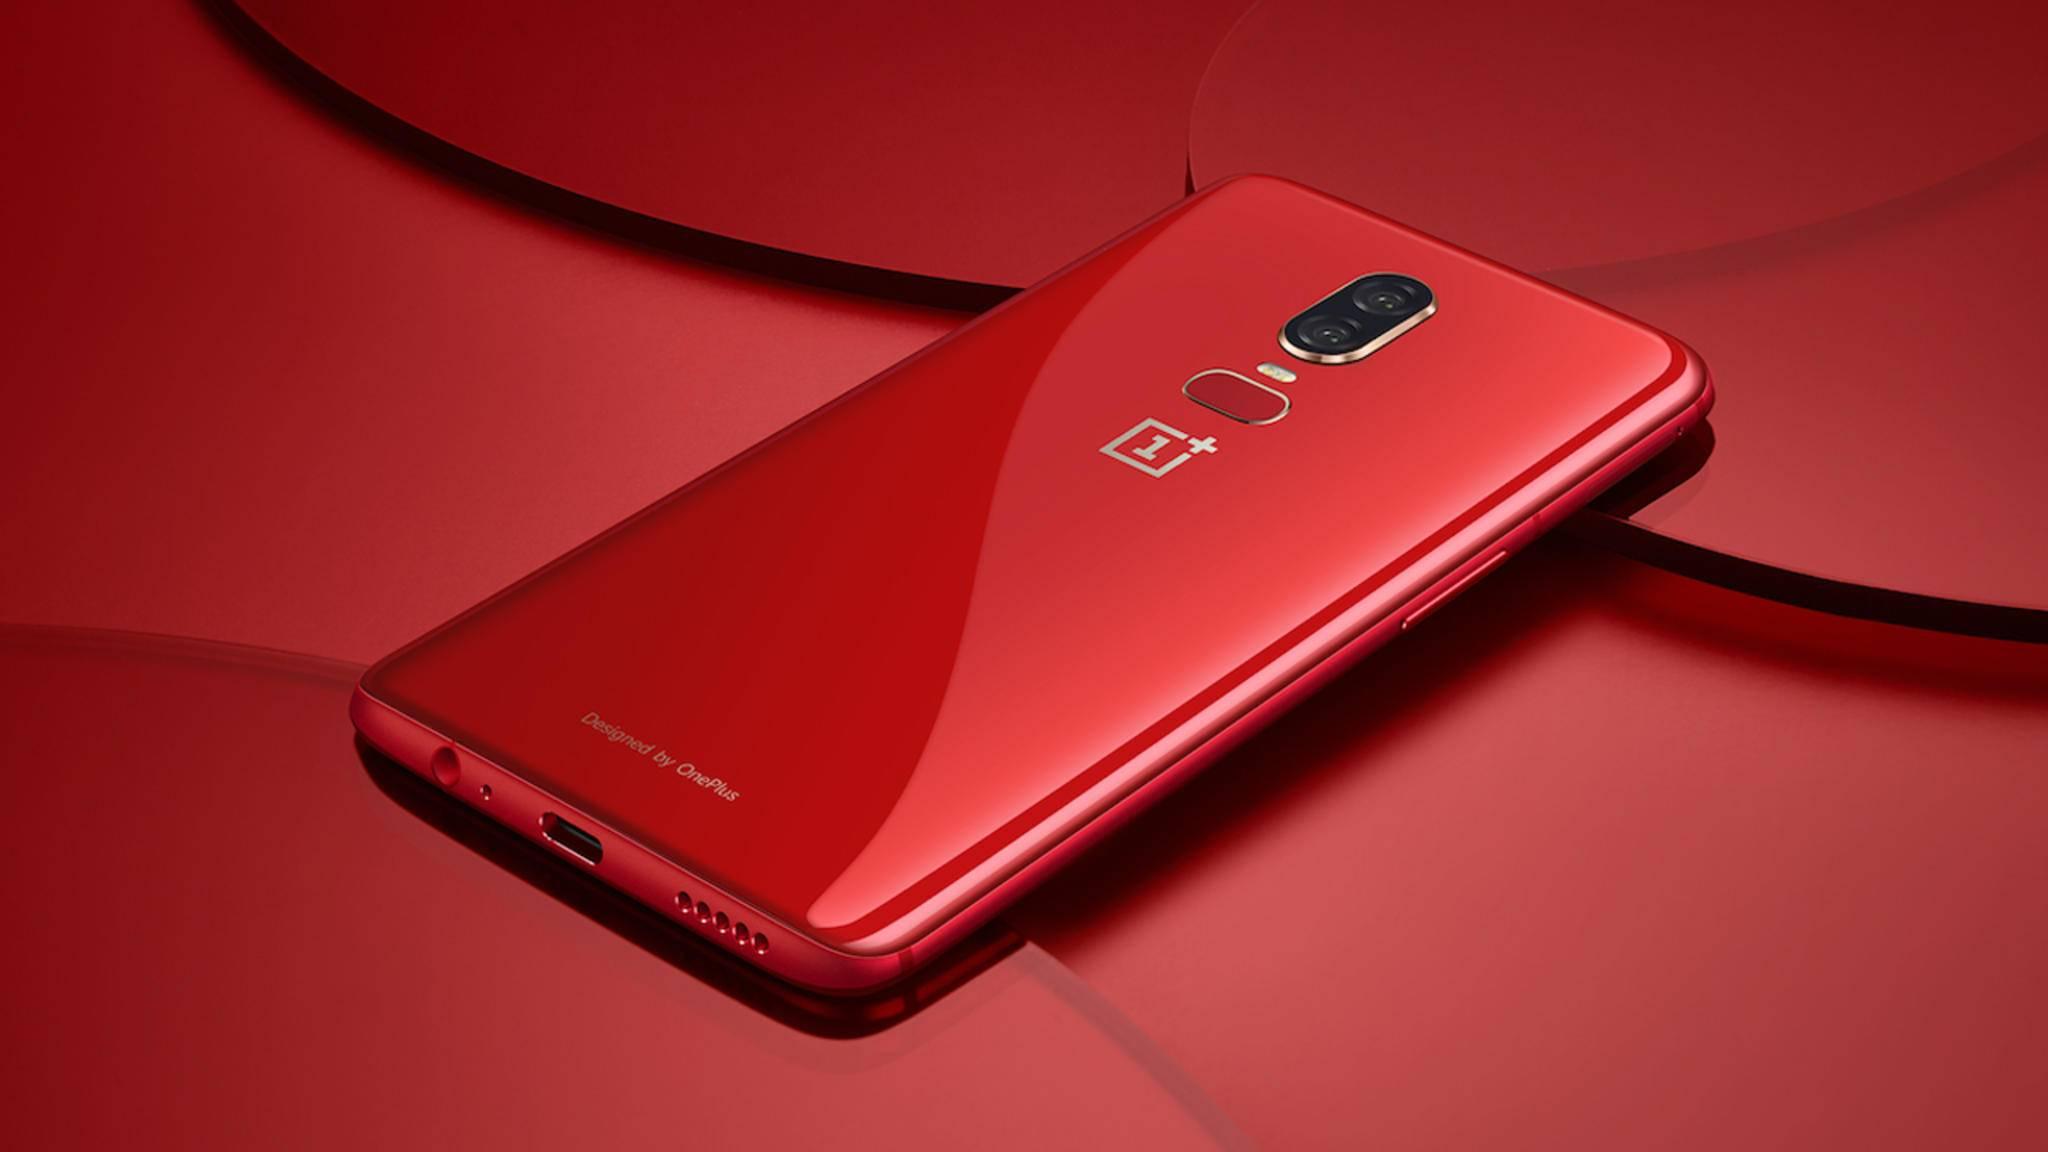 OnePlus verkauft ab dem 10. Juli eine rote Edition des OnePlus 6.